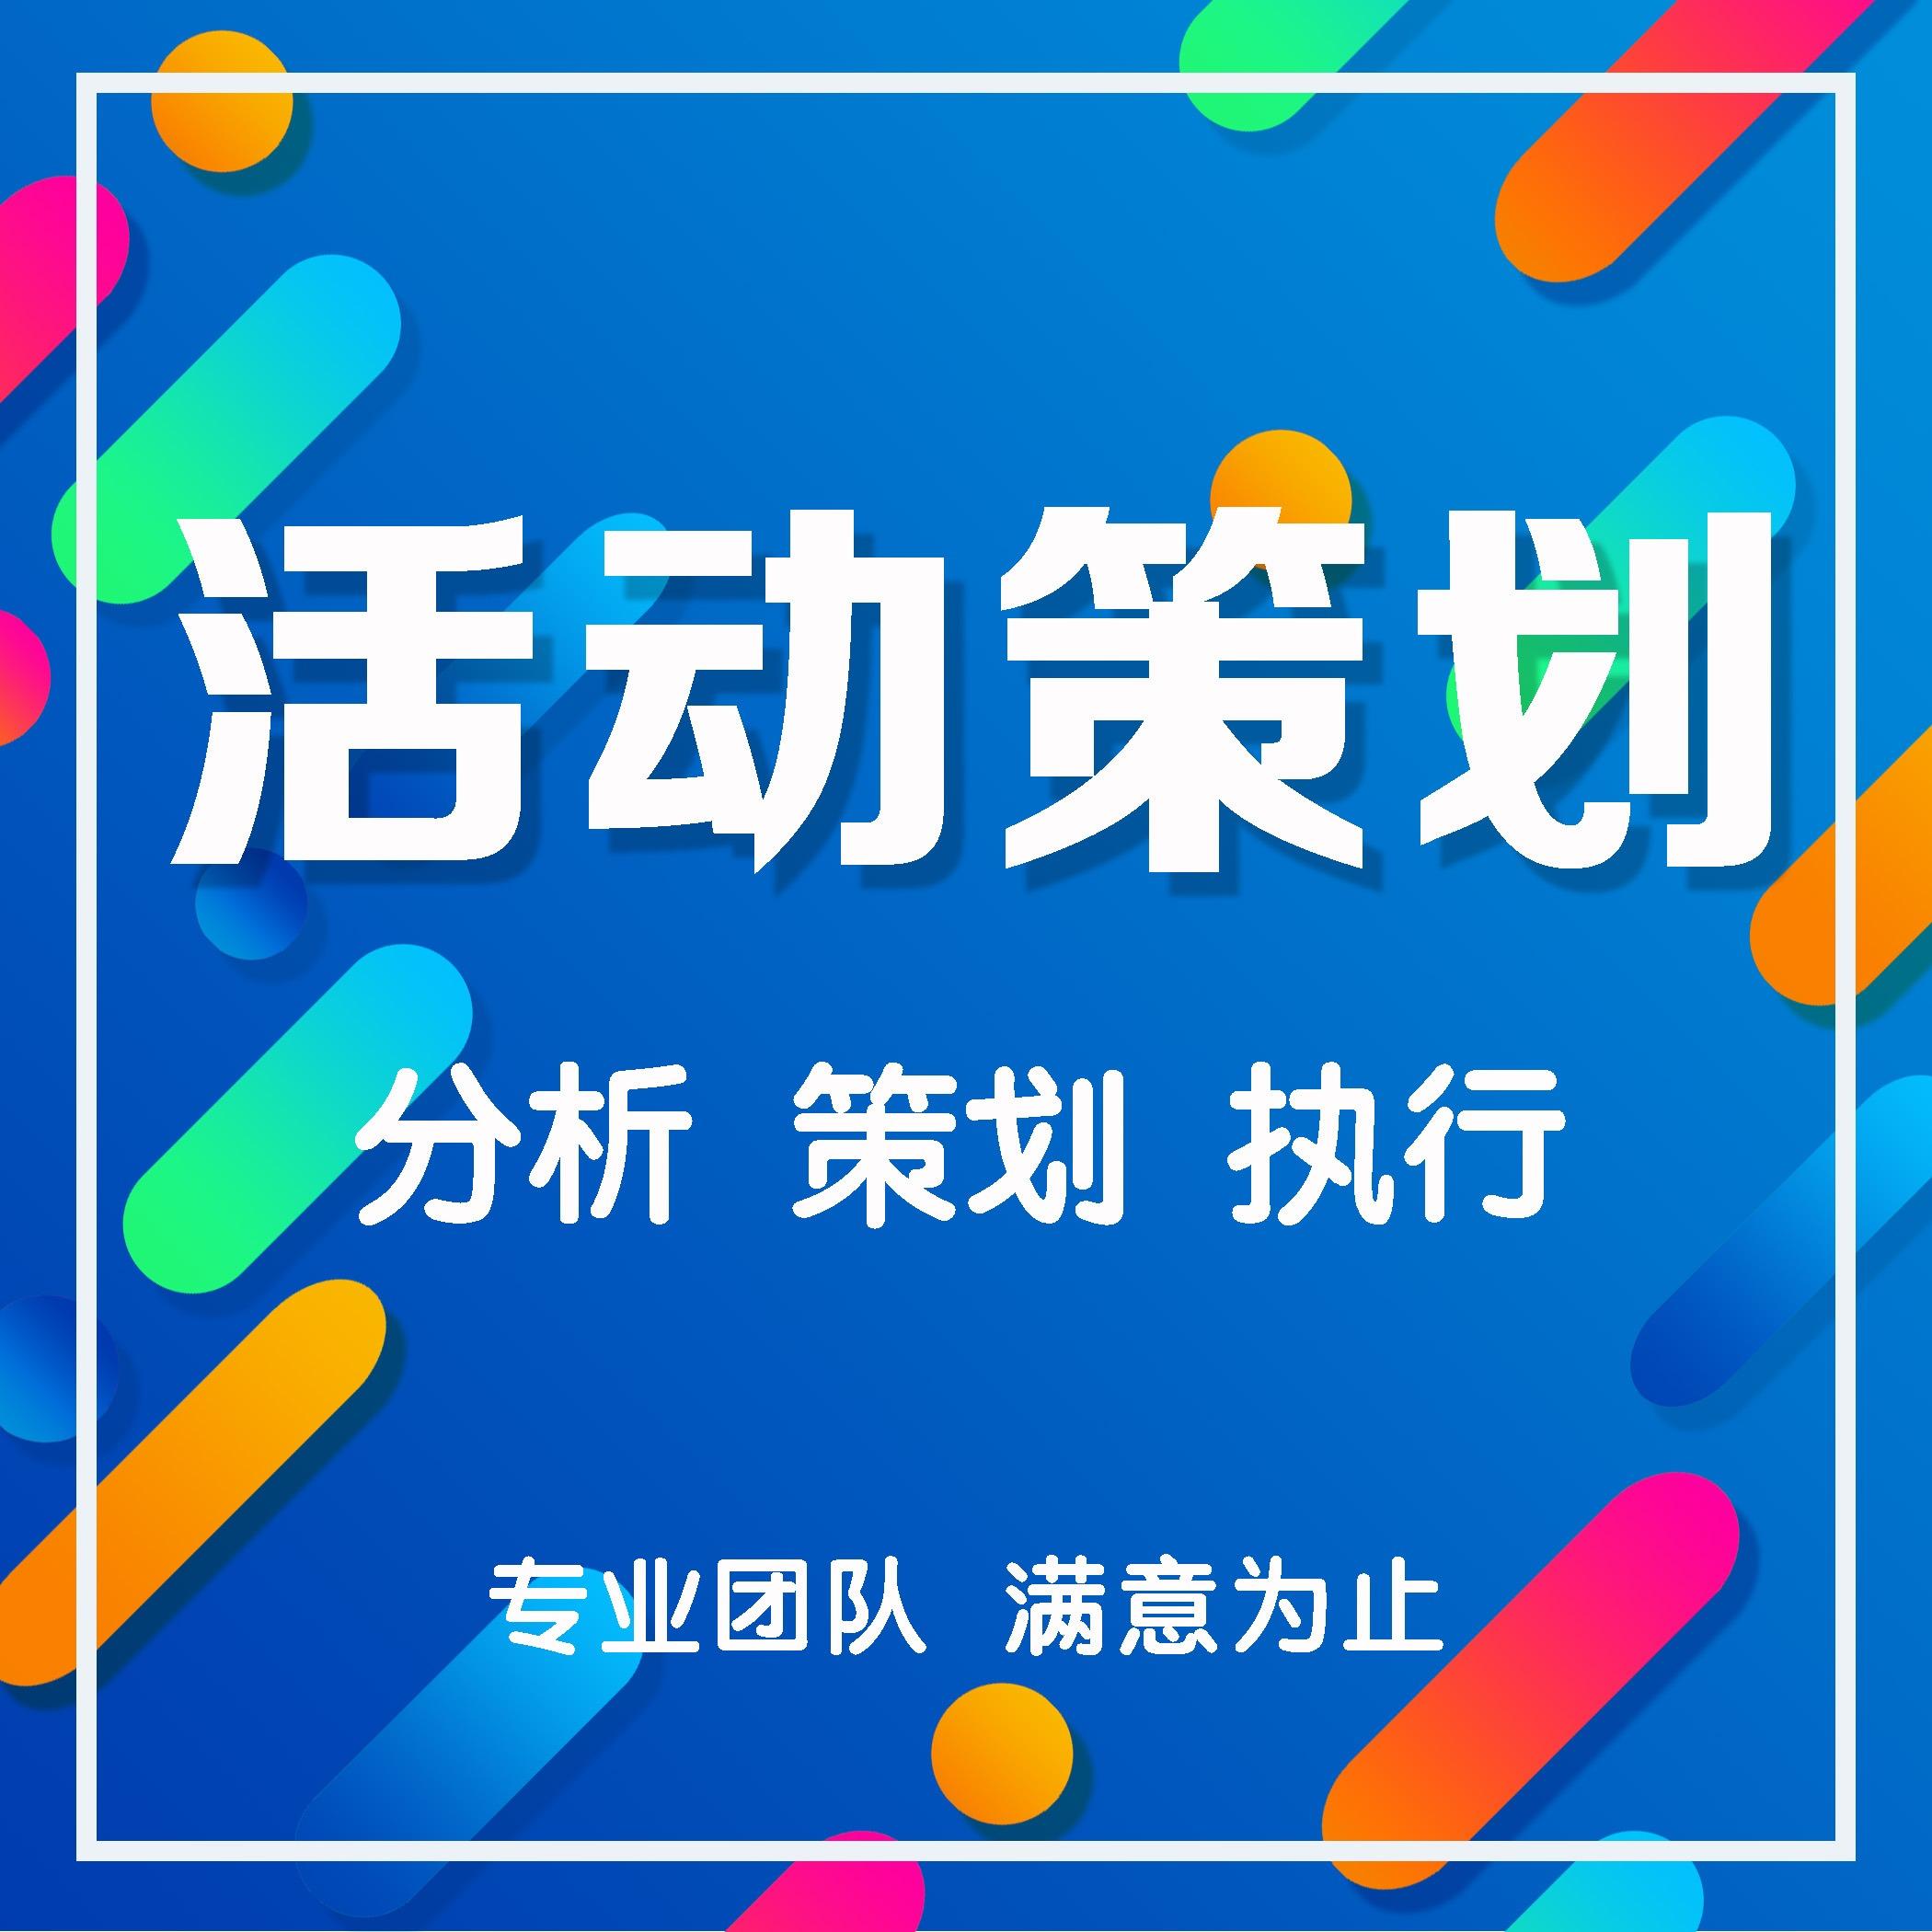 【活动策划】庆典年会发布会活动论坛创意策划执行公关